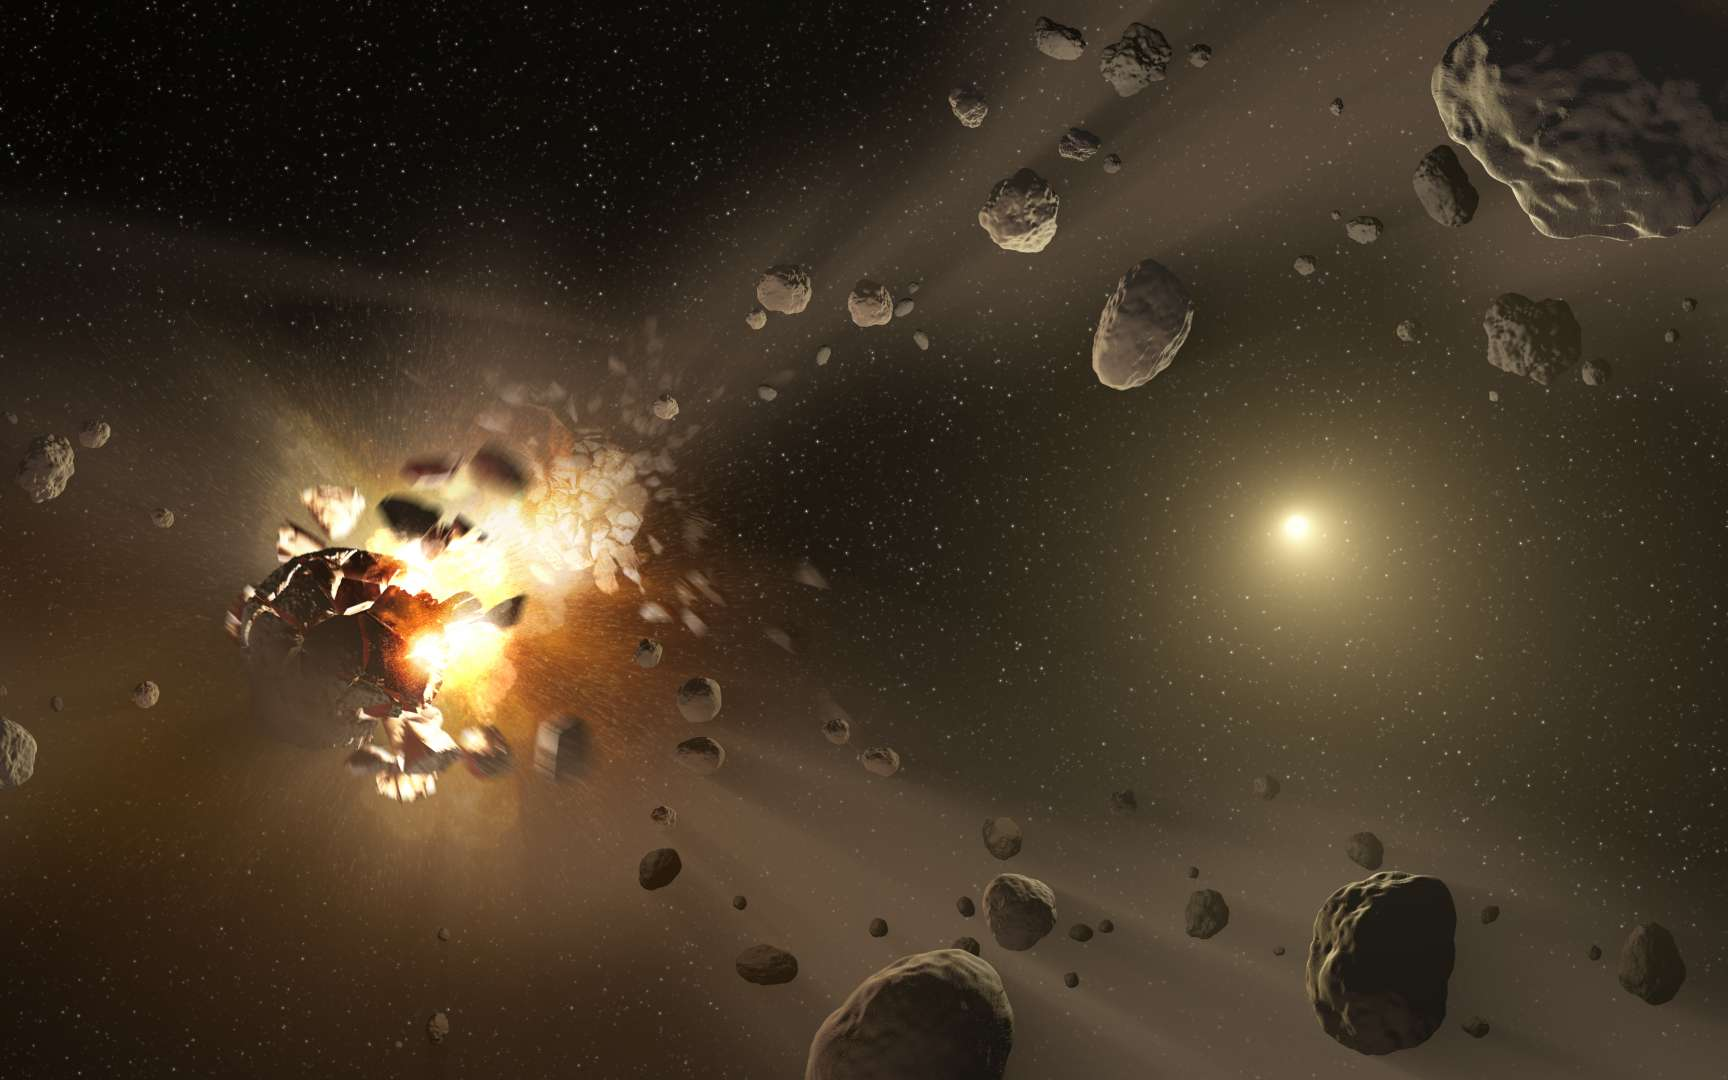 Des chercheurs ont peut-être découvert les plus vieux astéroïdes du Système solaire. Une famille d'astéroïdes est créée suite à une collision avec un corps de la ceinture principale. Les fragments ont en majorité une orbite similaire au corps parent. Cependant, certains prennent peu à peu leurs distances sous l'effet de mini-impulsions créées par le rayonnement solaire. © Nasa, JPL-Caltech